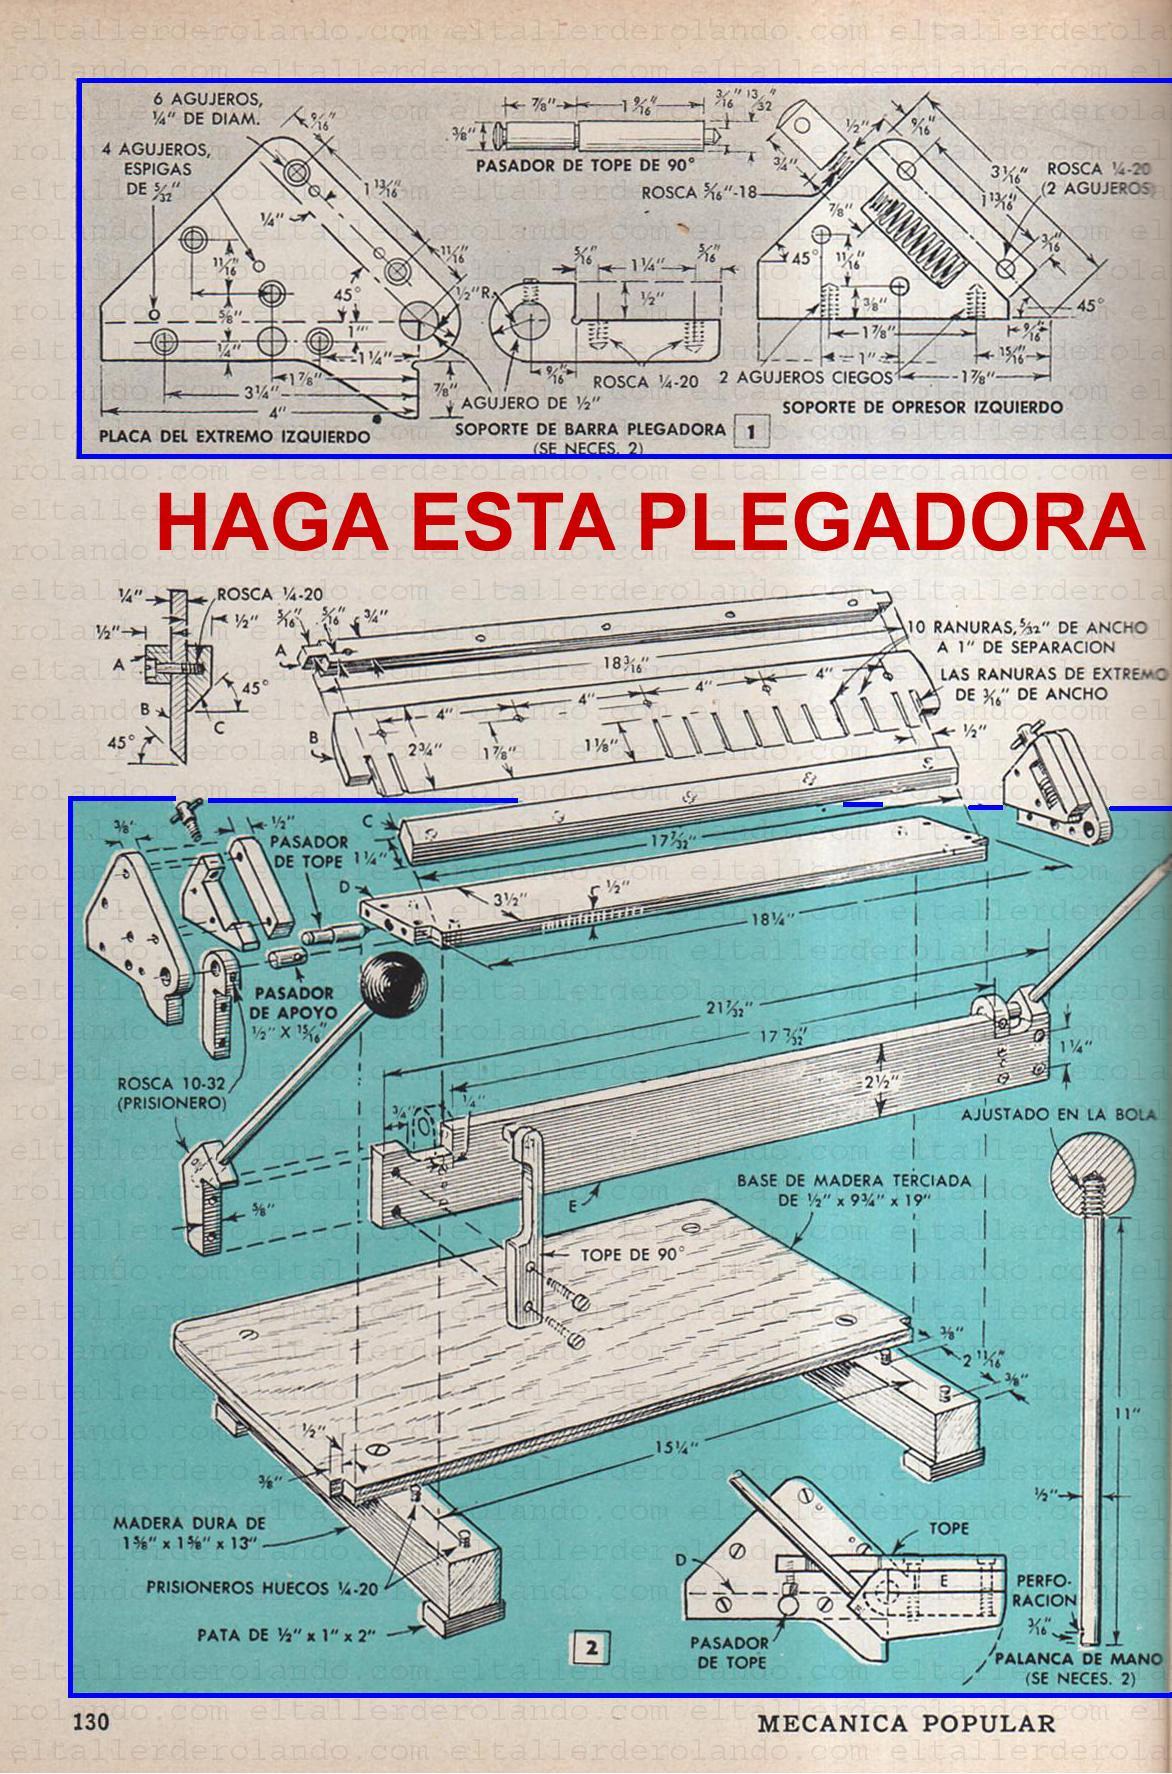 HAGA-ESTA-PLEGADORA-DE-PALASTRO